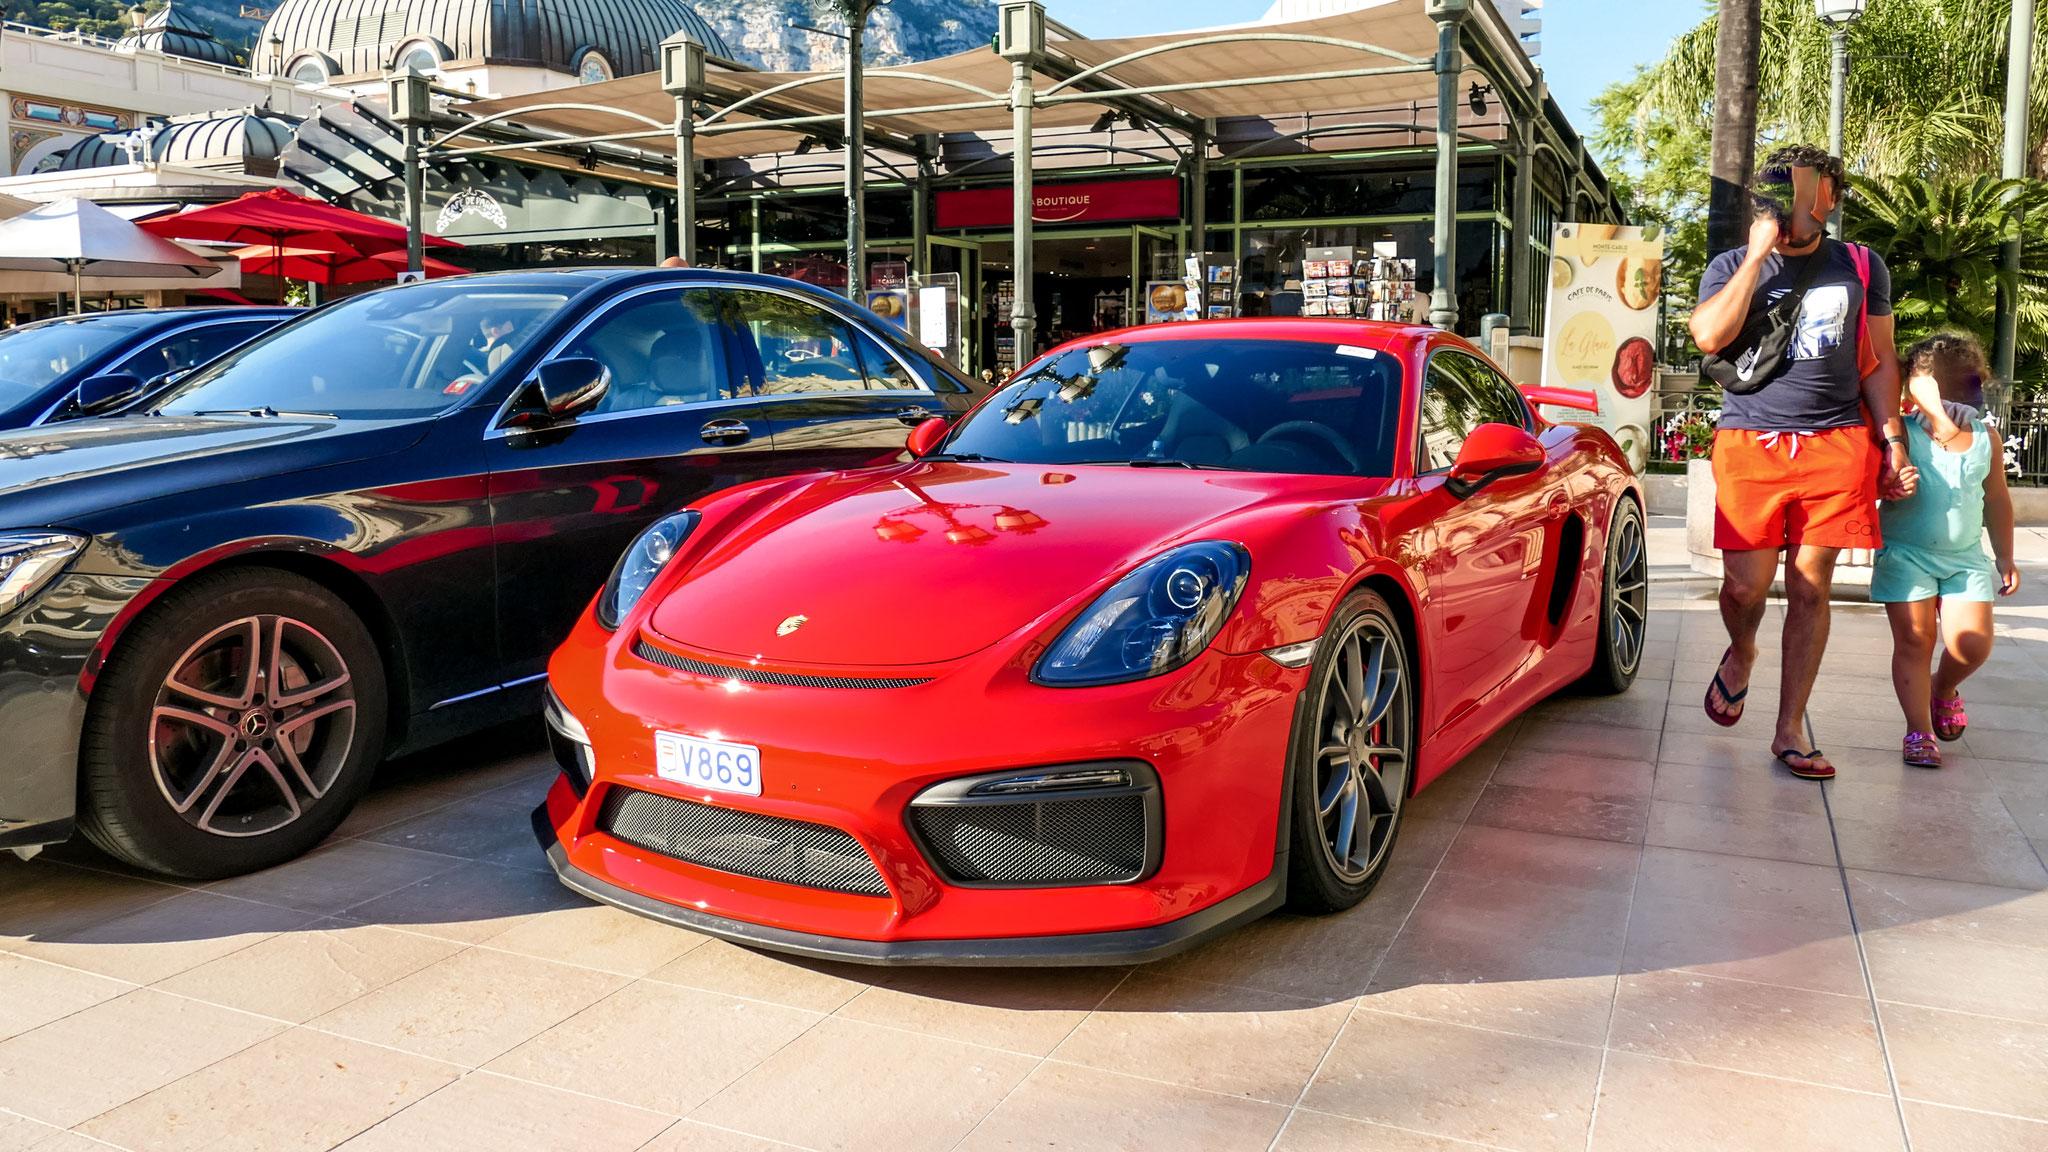 Porsche Cayman GT4 - V869 (MC)